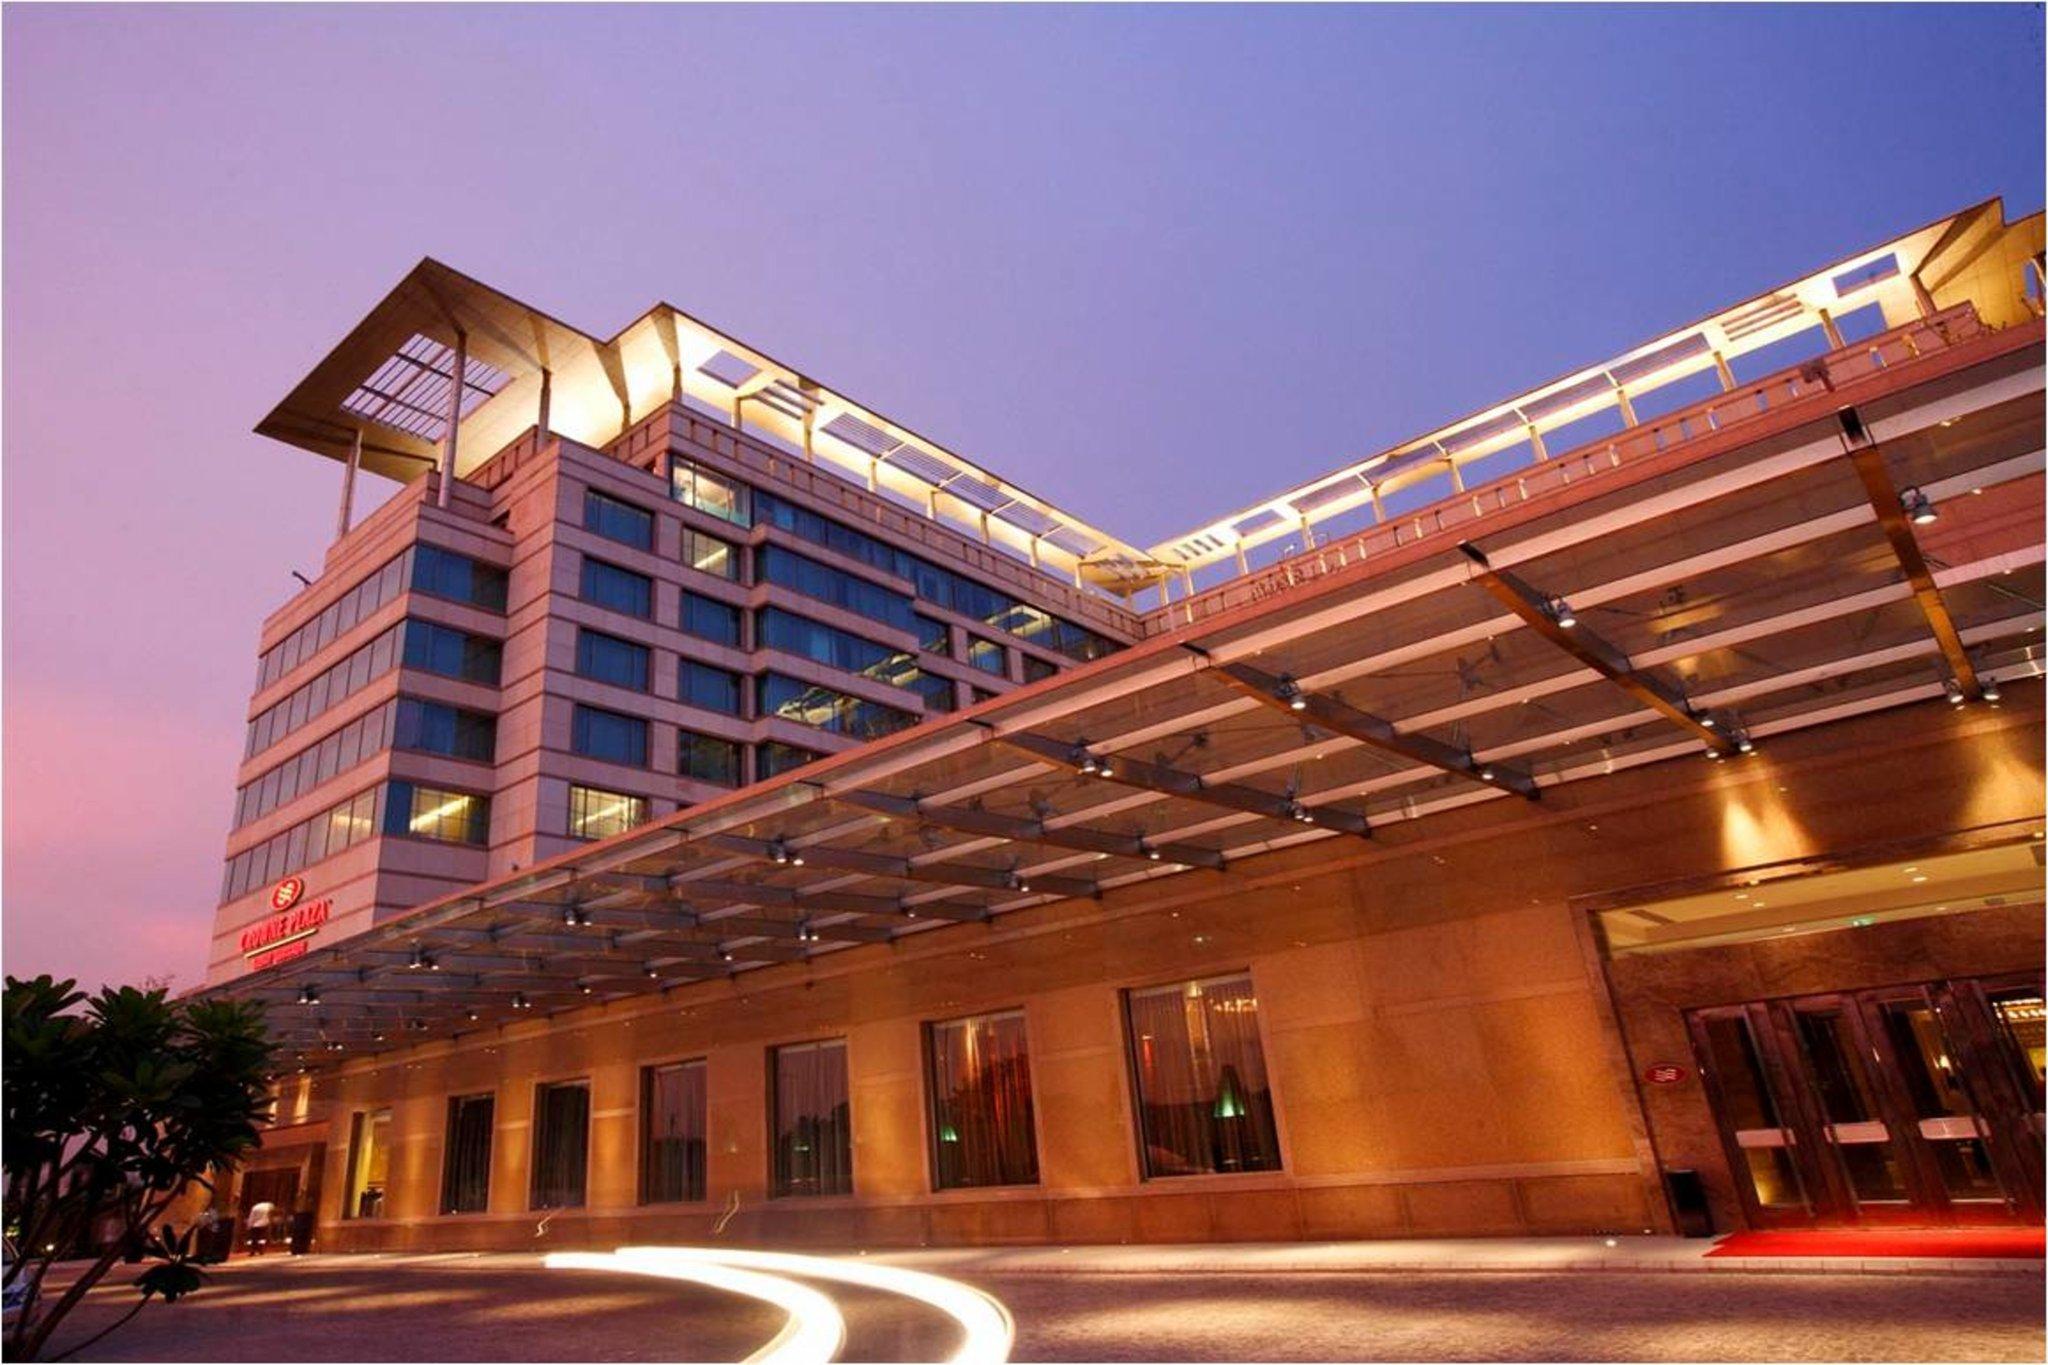 โรงแรมคราวน์ พลาซ่า กูโกน